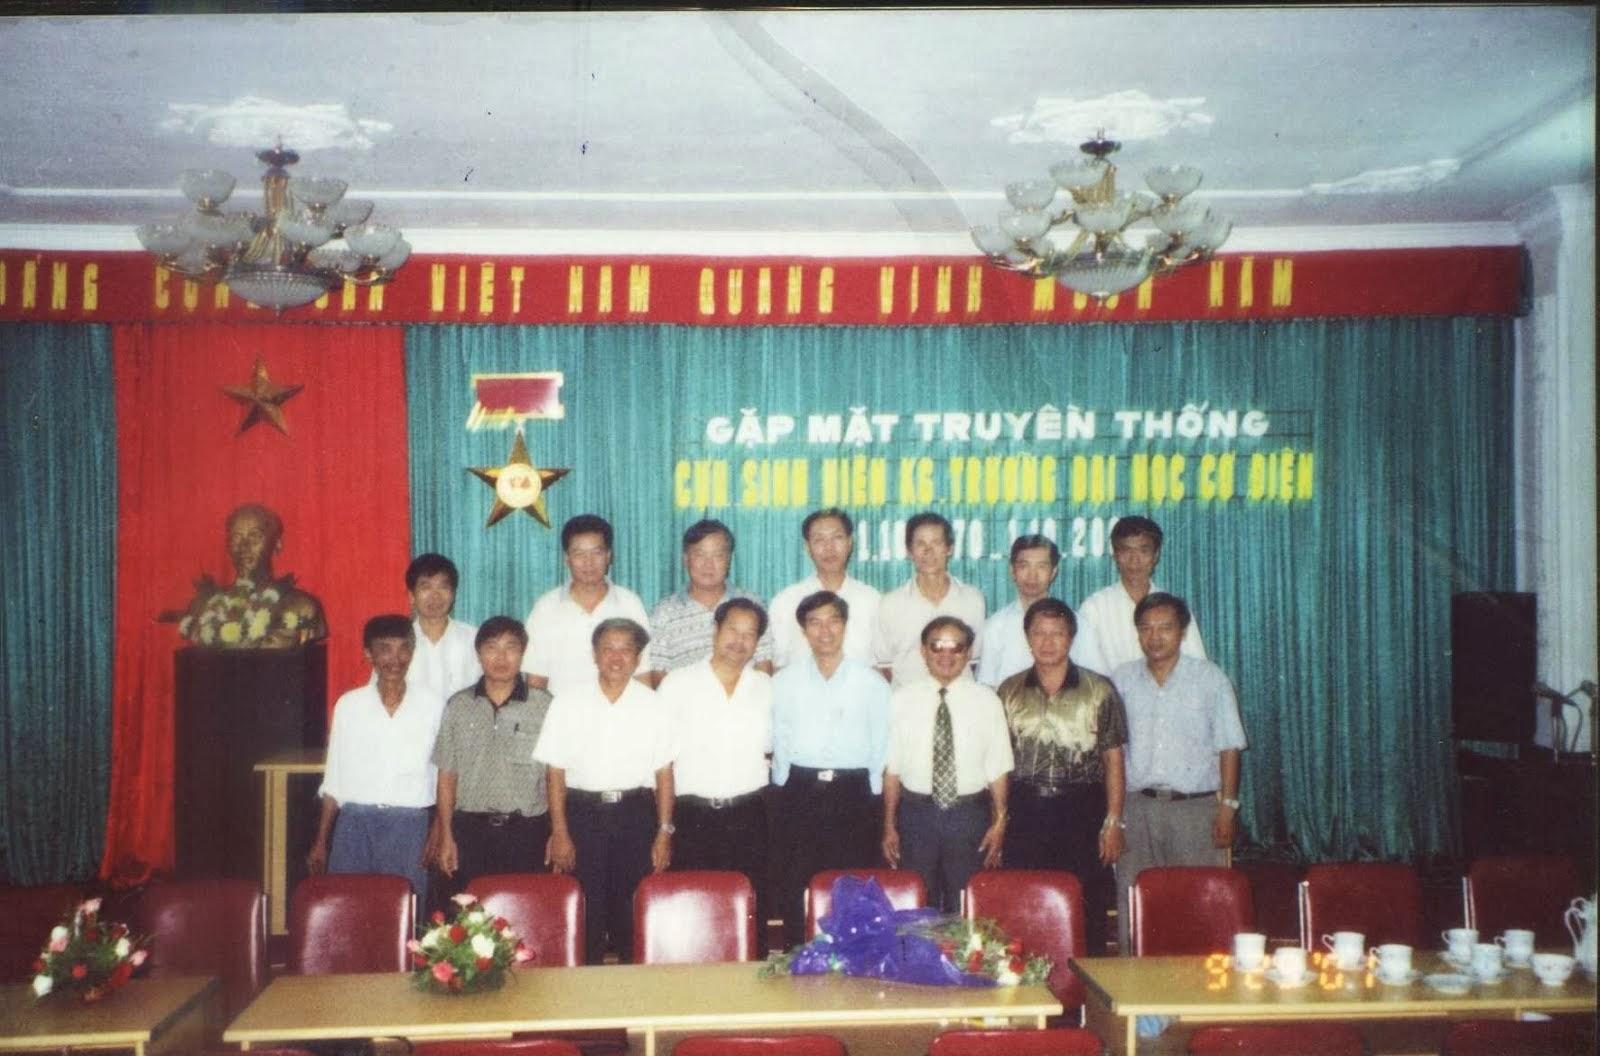 Ngày hội K6 tại Vinh 2001